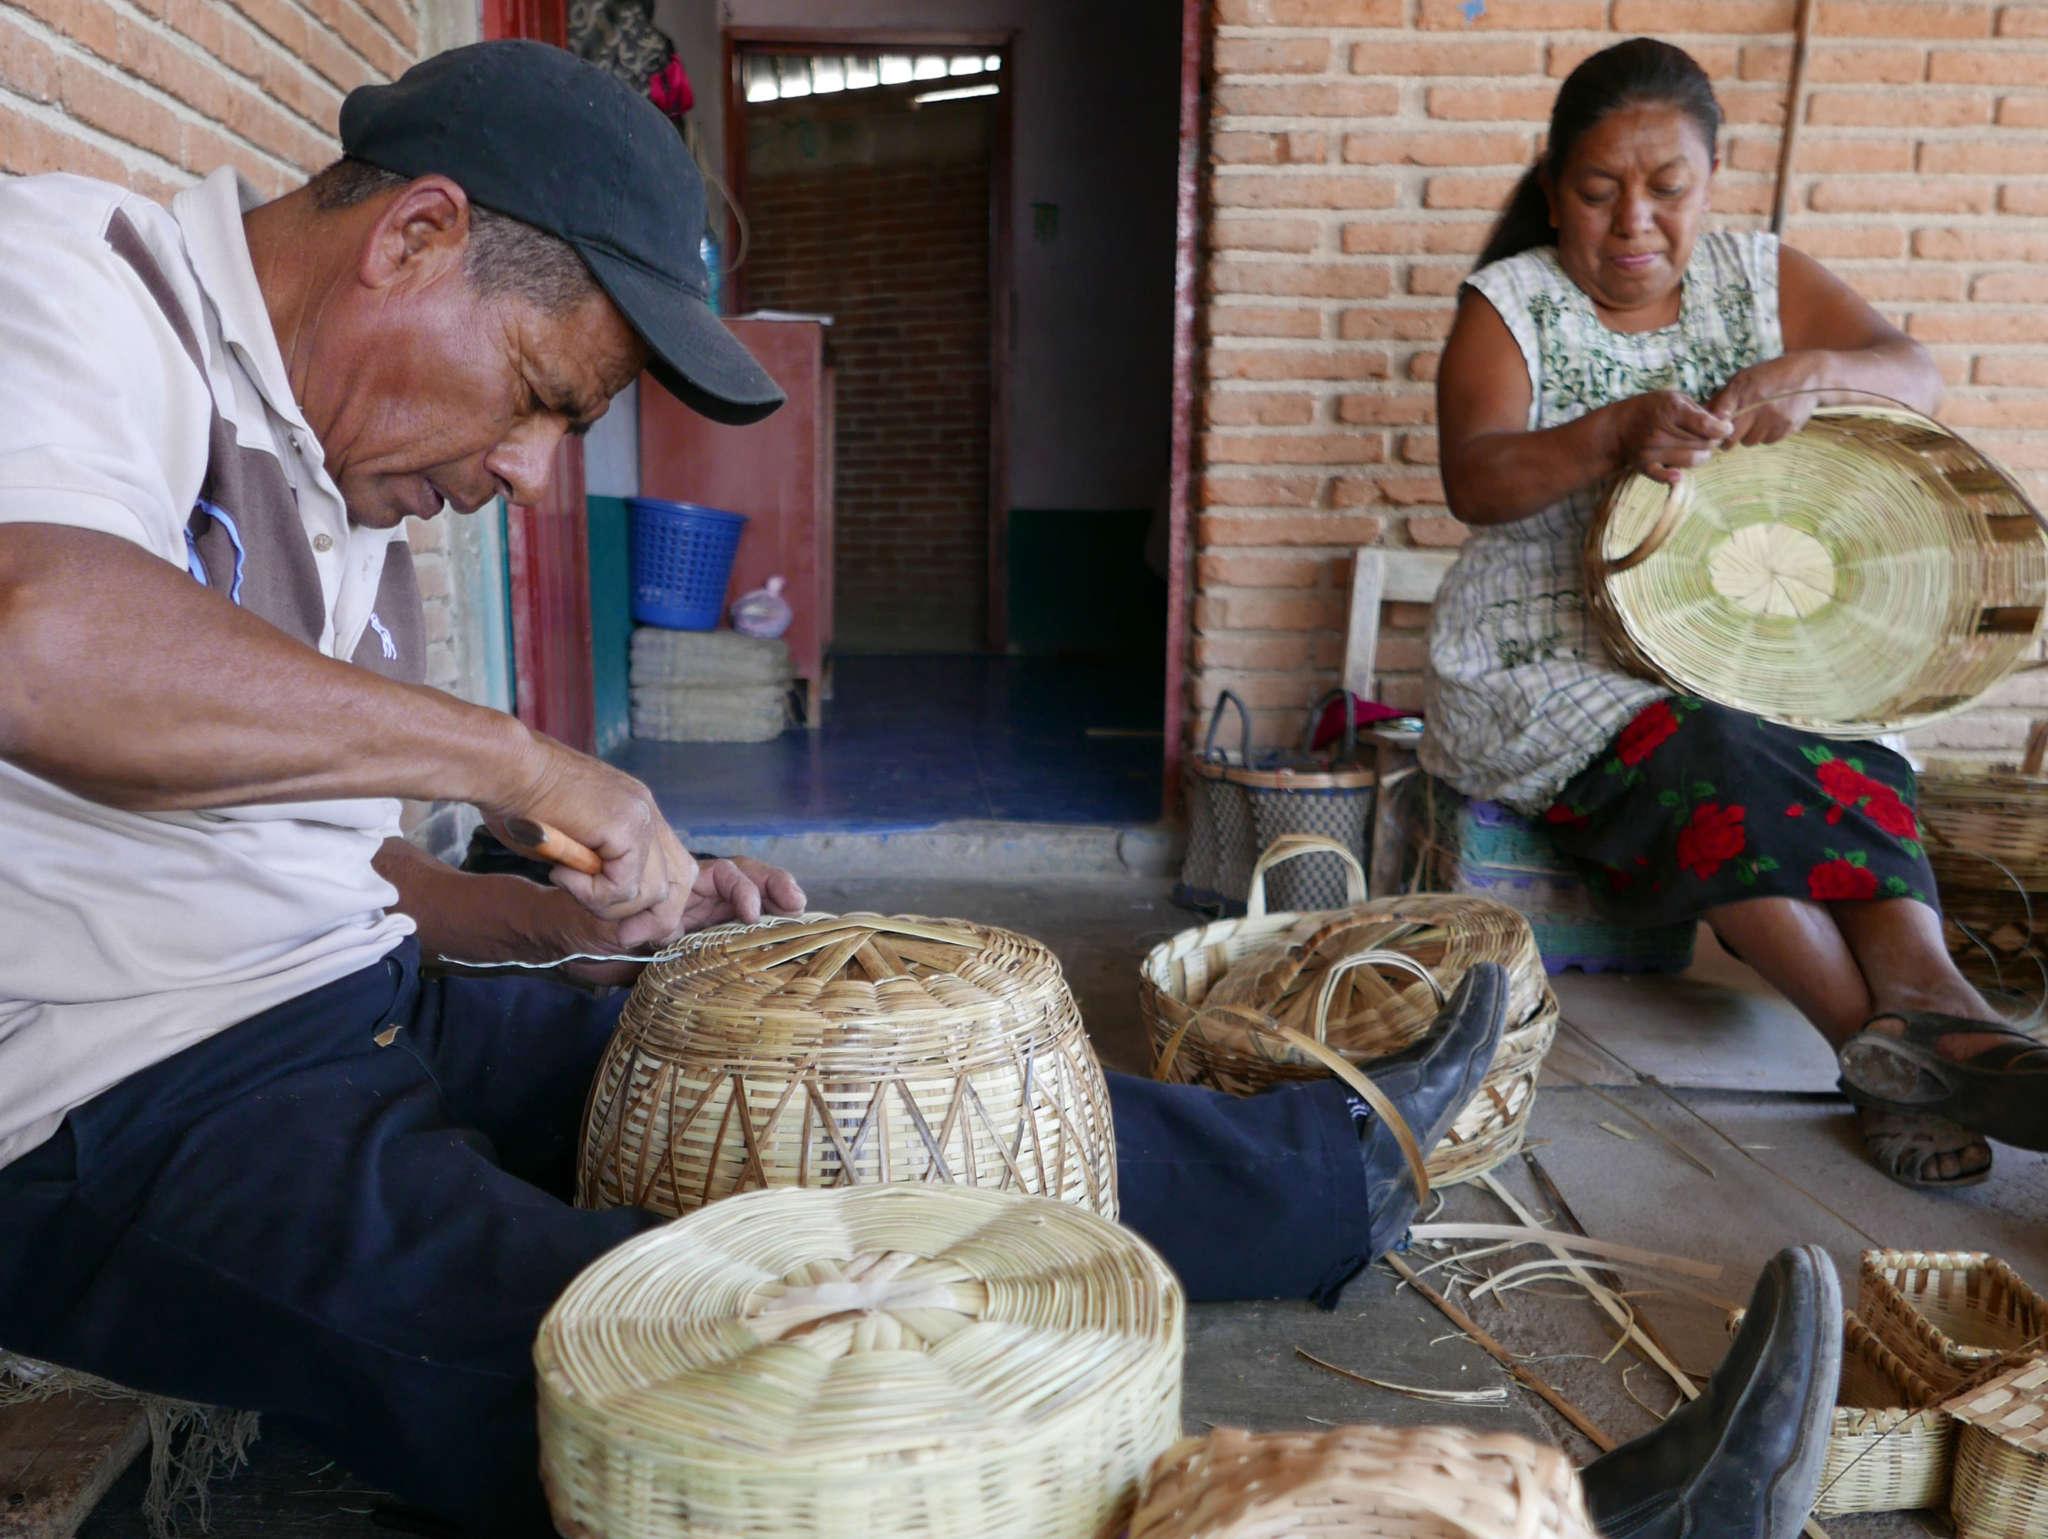 Mexican Artisan Crafts Oaxaca Mexico - www.nidocollective.com/carrizoweaving #carrizo #canastascarrizo #mexicanartisancrafts